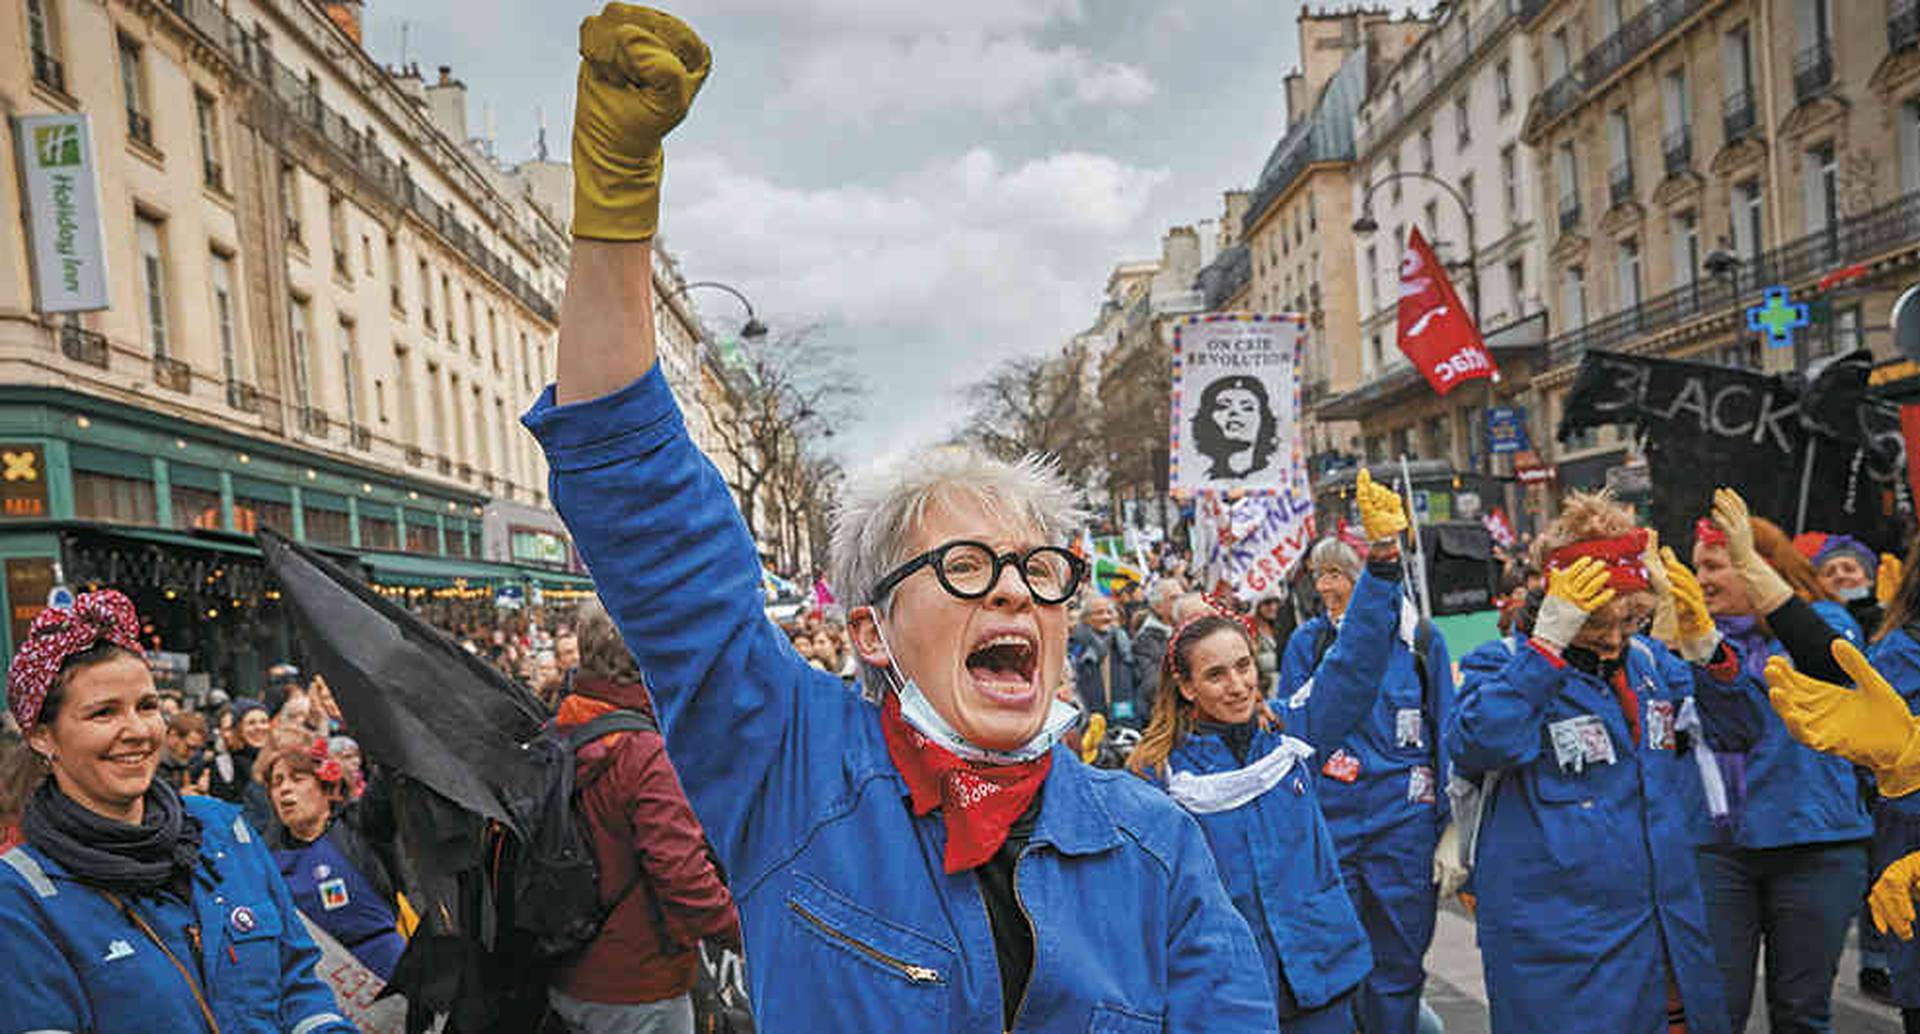 El proyecto enfureció a los franceses que se movilizan desde el 5 de diciembre de 2019 contra la reforma. Esta suprimiría 42 regímenes especiales de pensiones para crear una sola estructura universal.